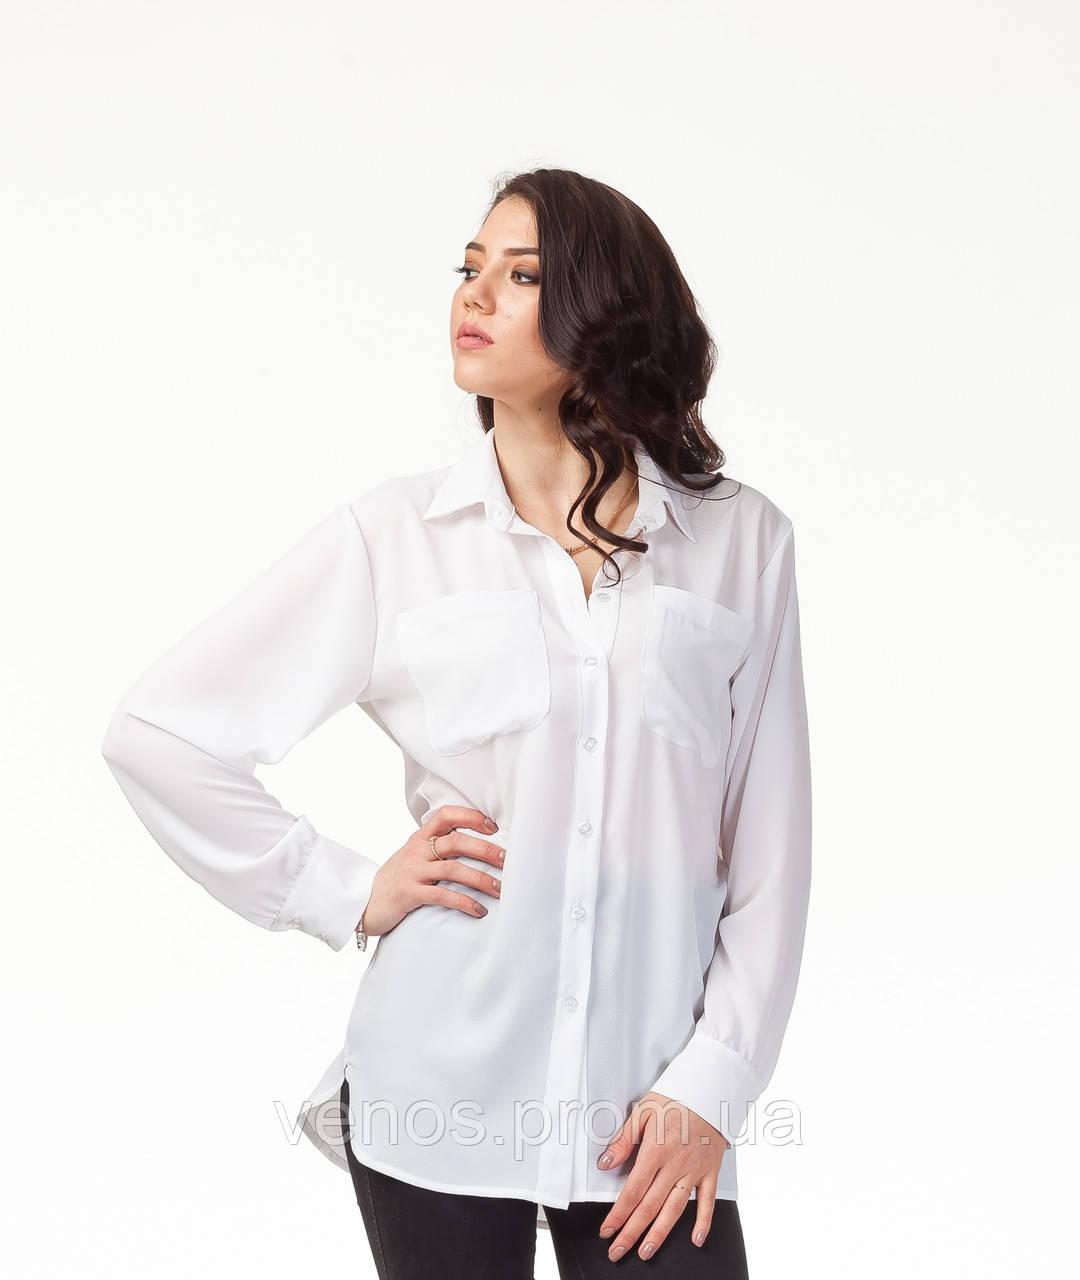 Женская базовая блуза-рубашка  К090